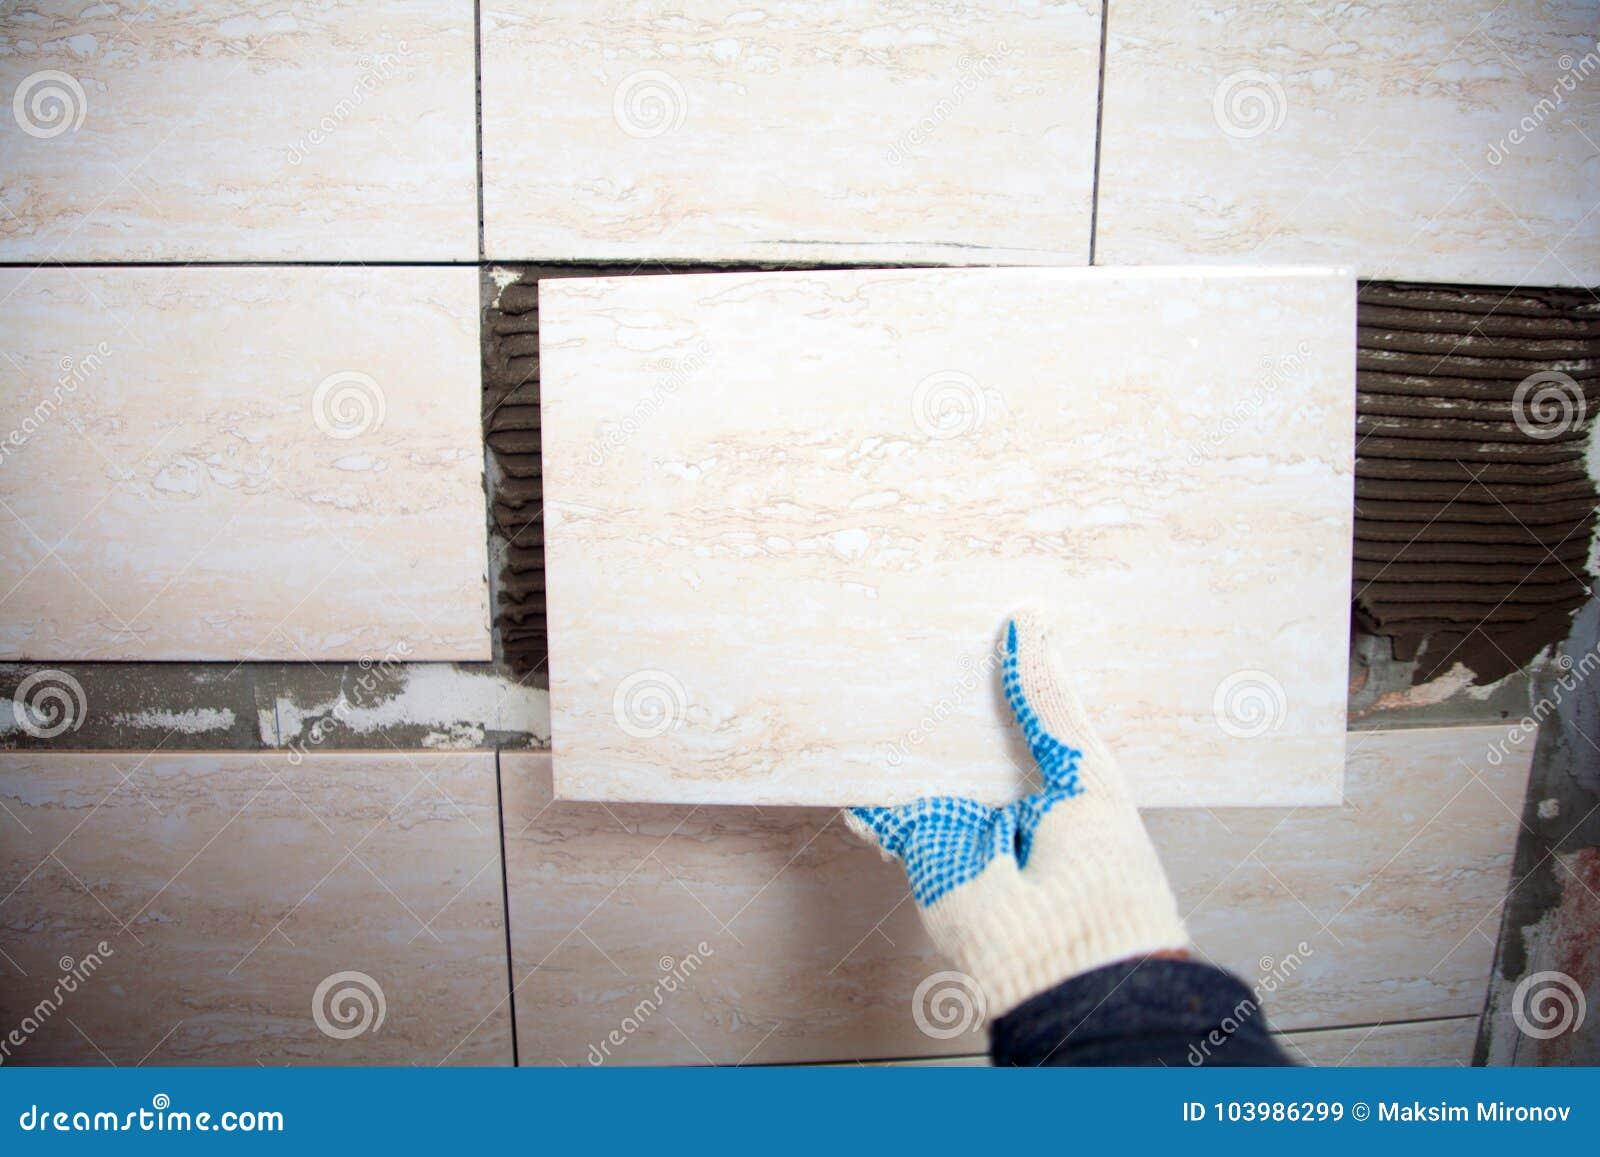 Piastrelle Piccole Per Bagno.Muratore Industriale Che Installa Le Piccole Piastrelle Di Ceramica